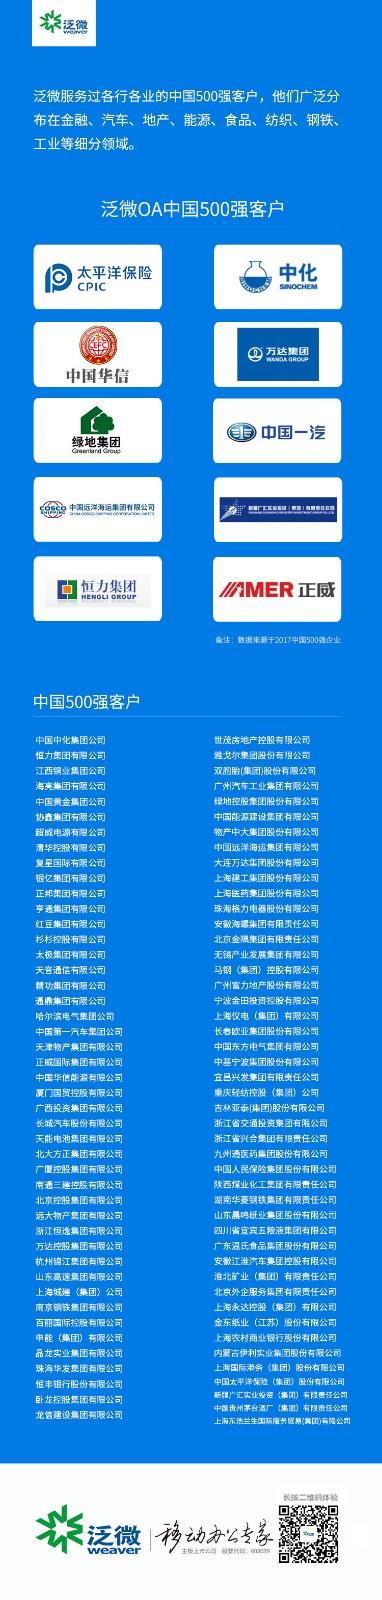 中国500强_副本.jpg